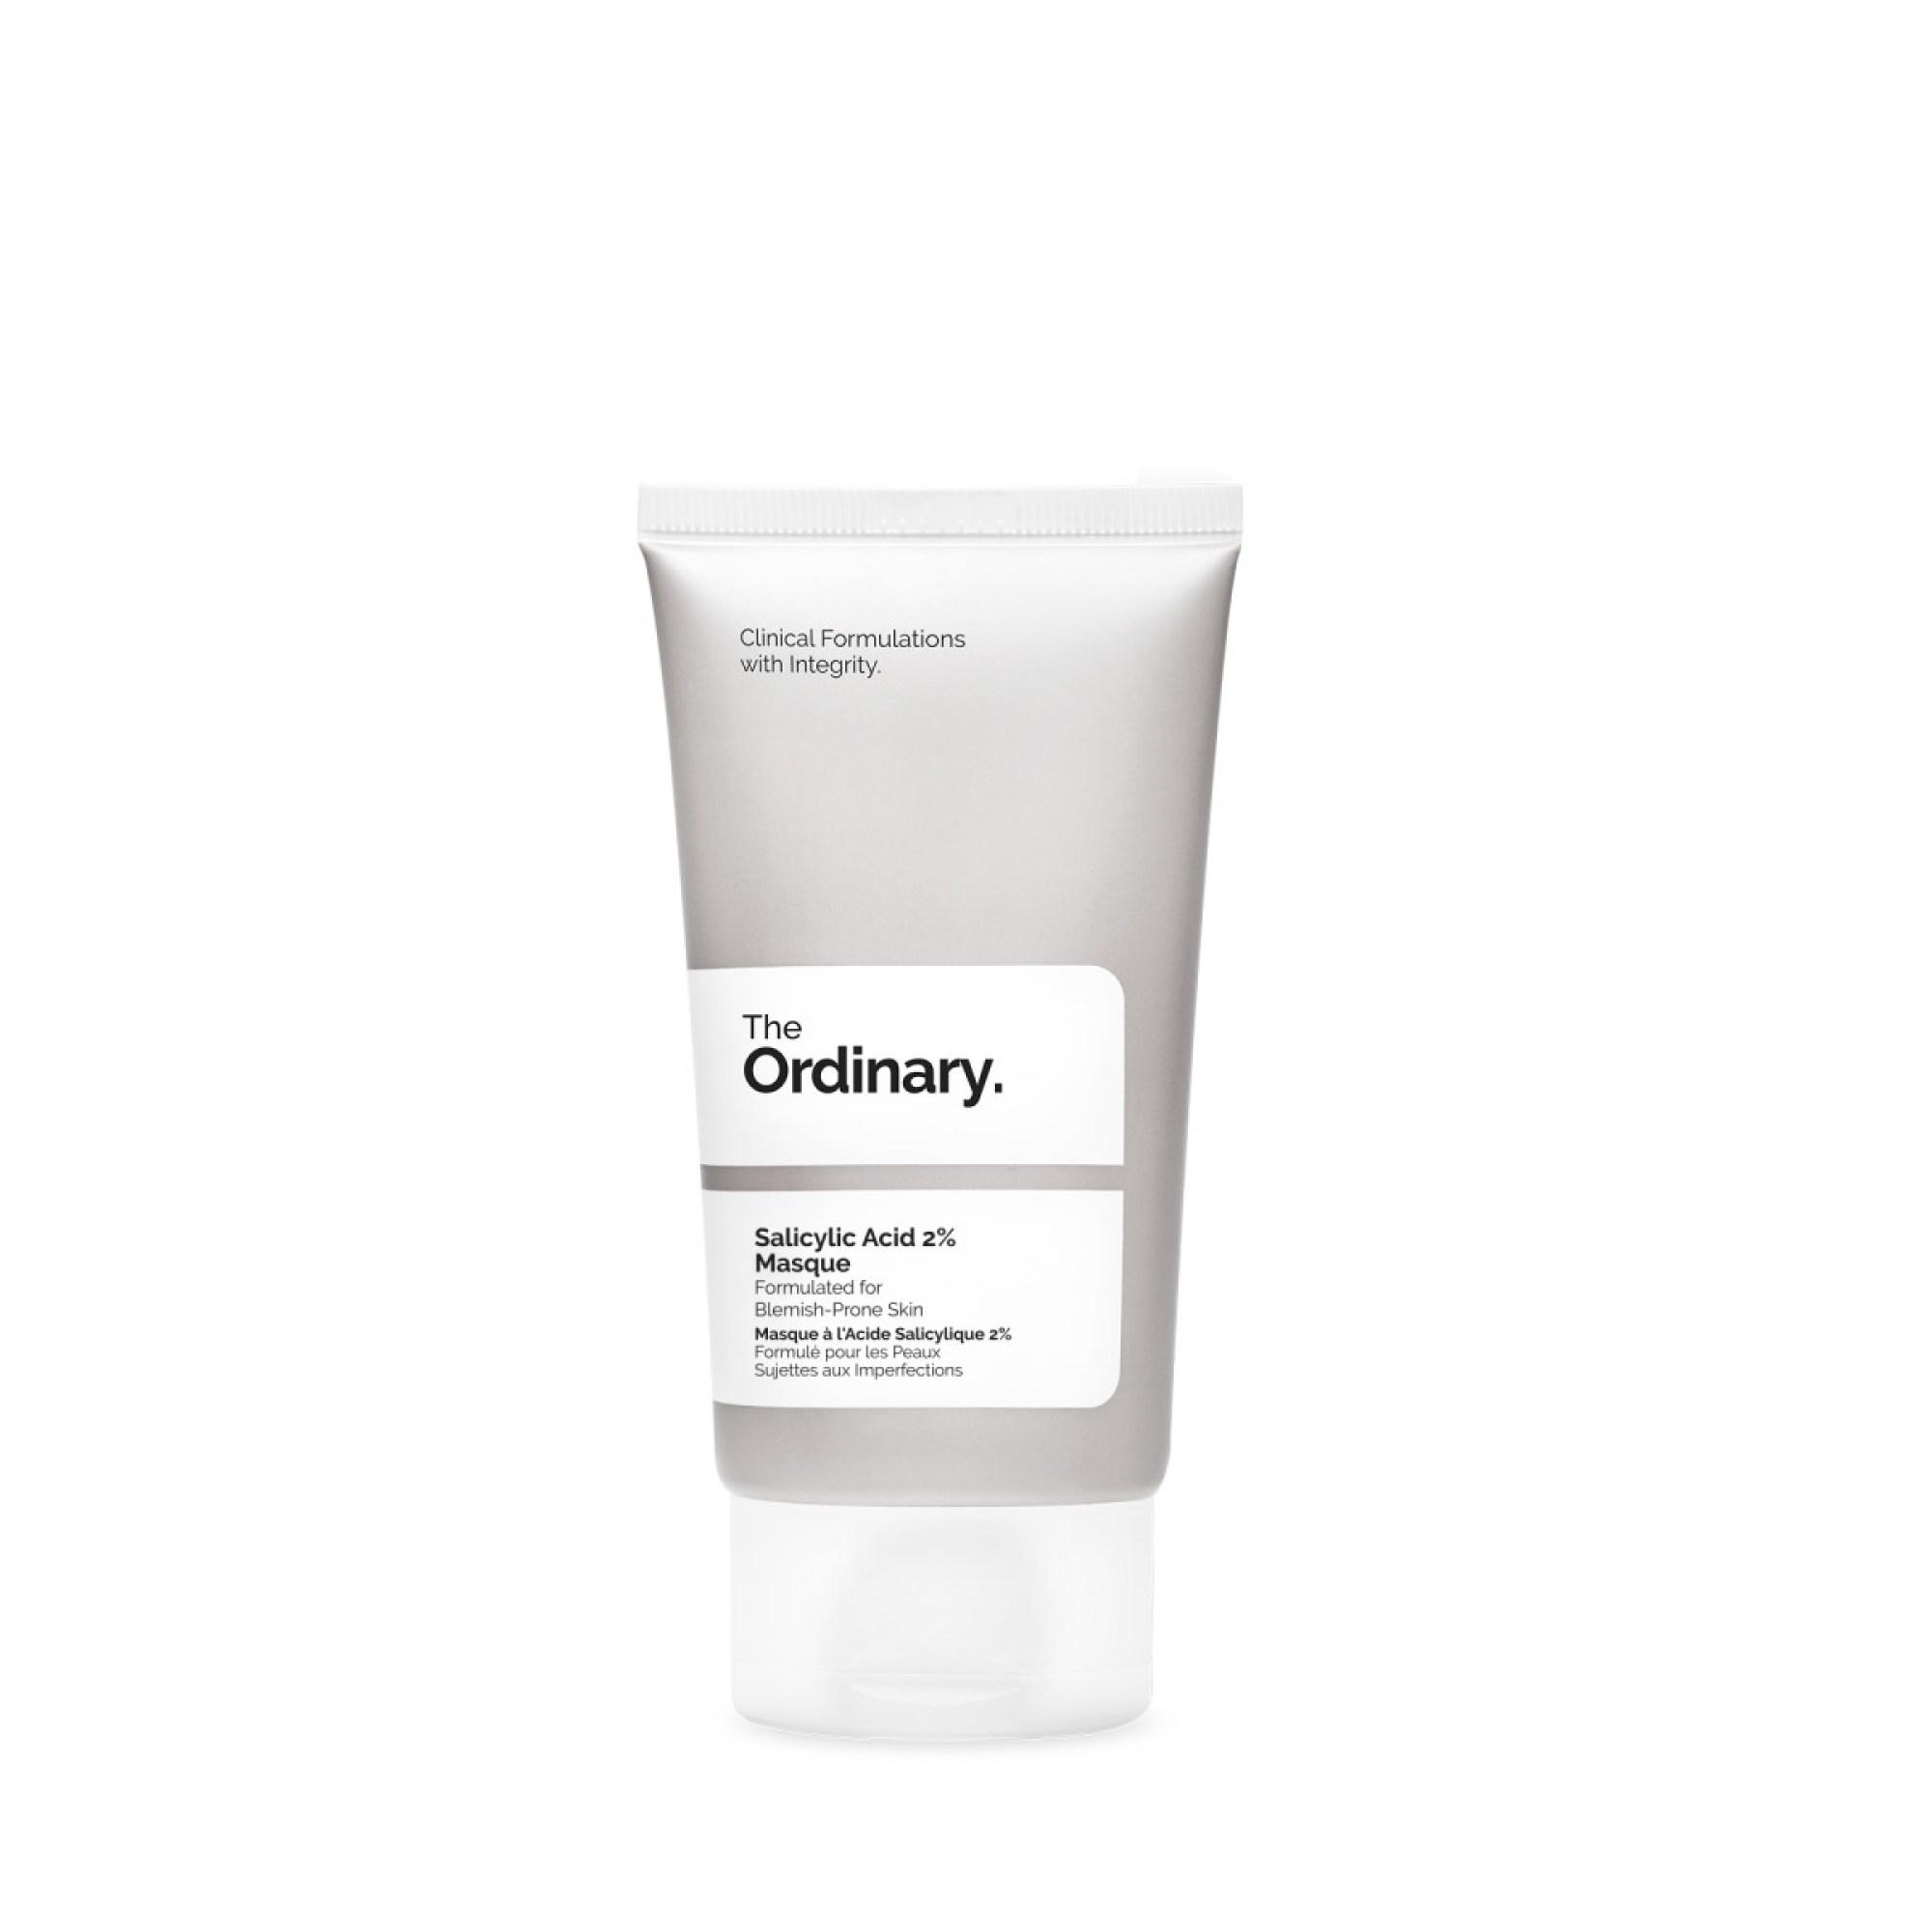 The Ordinary's new Salicylic Acid 2% Masque. Photo: Courtesy of The Ordinary